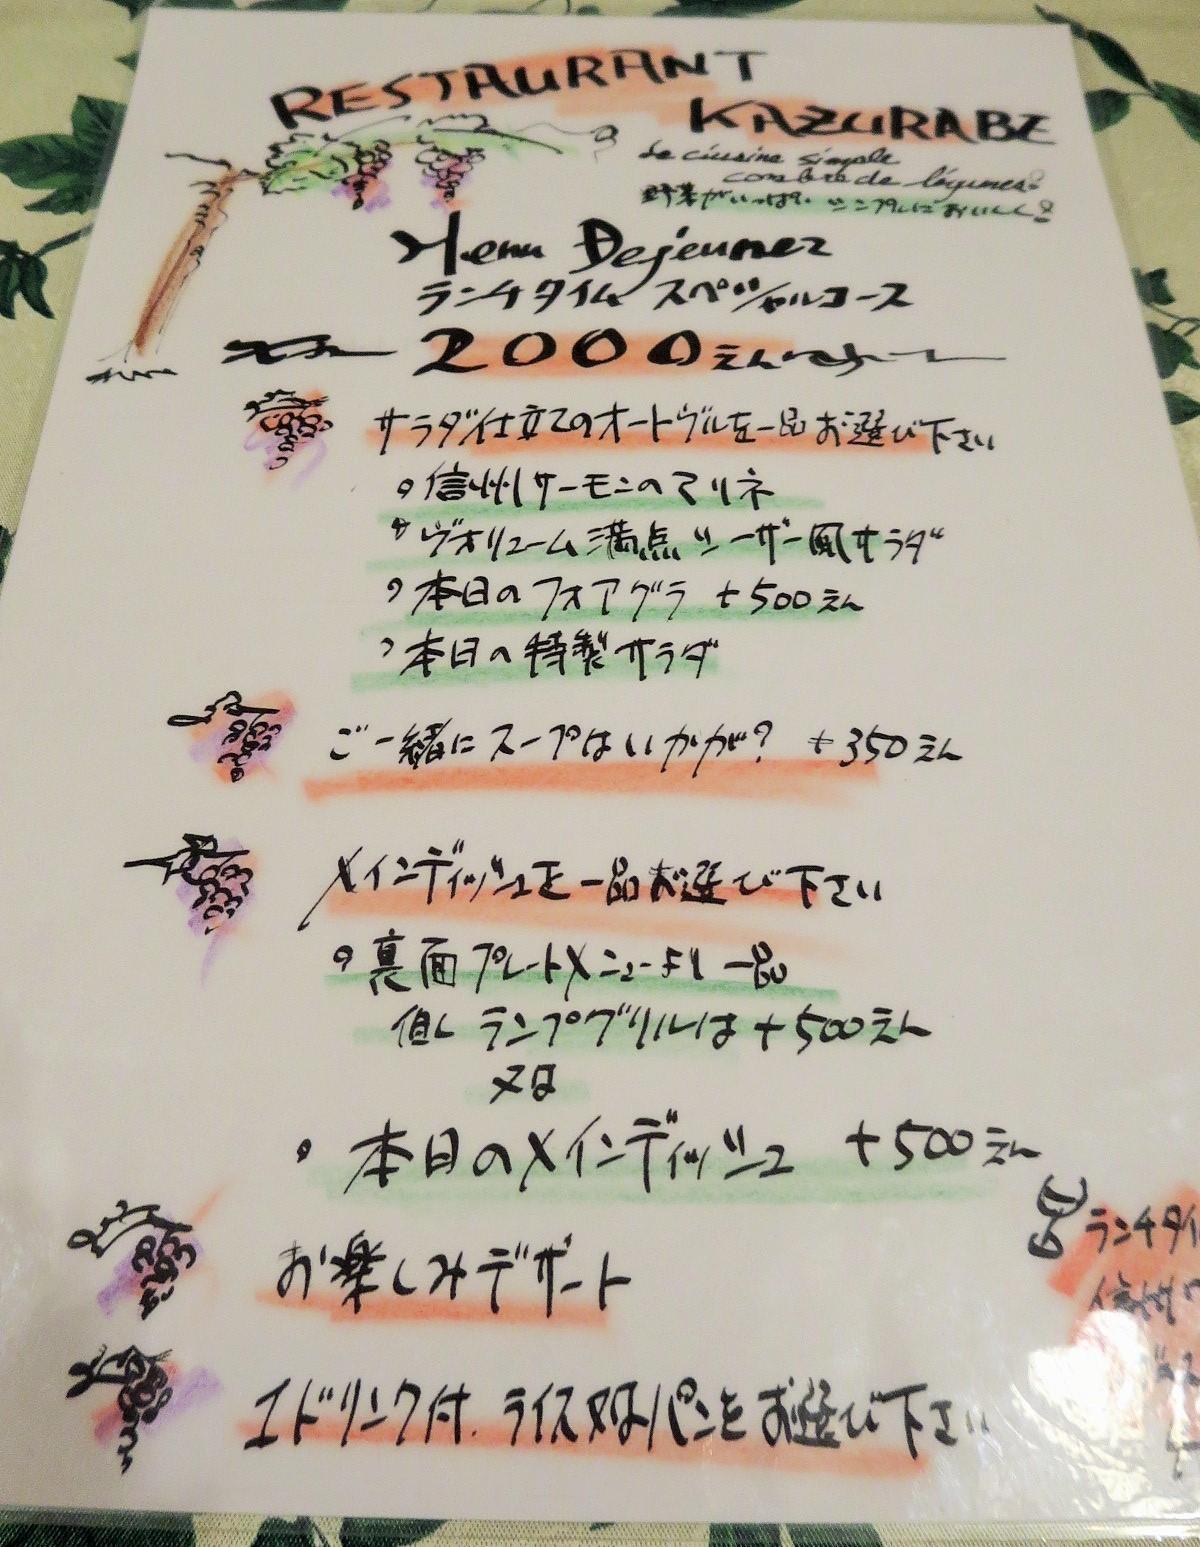 レストラン・カズラべのランチ☆2階のレストランシリーズ@旧軽_f0236260_2024549.jpg